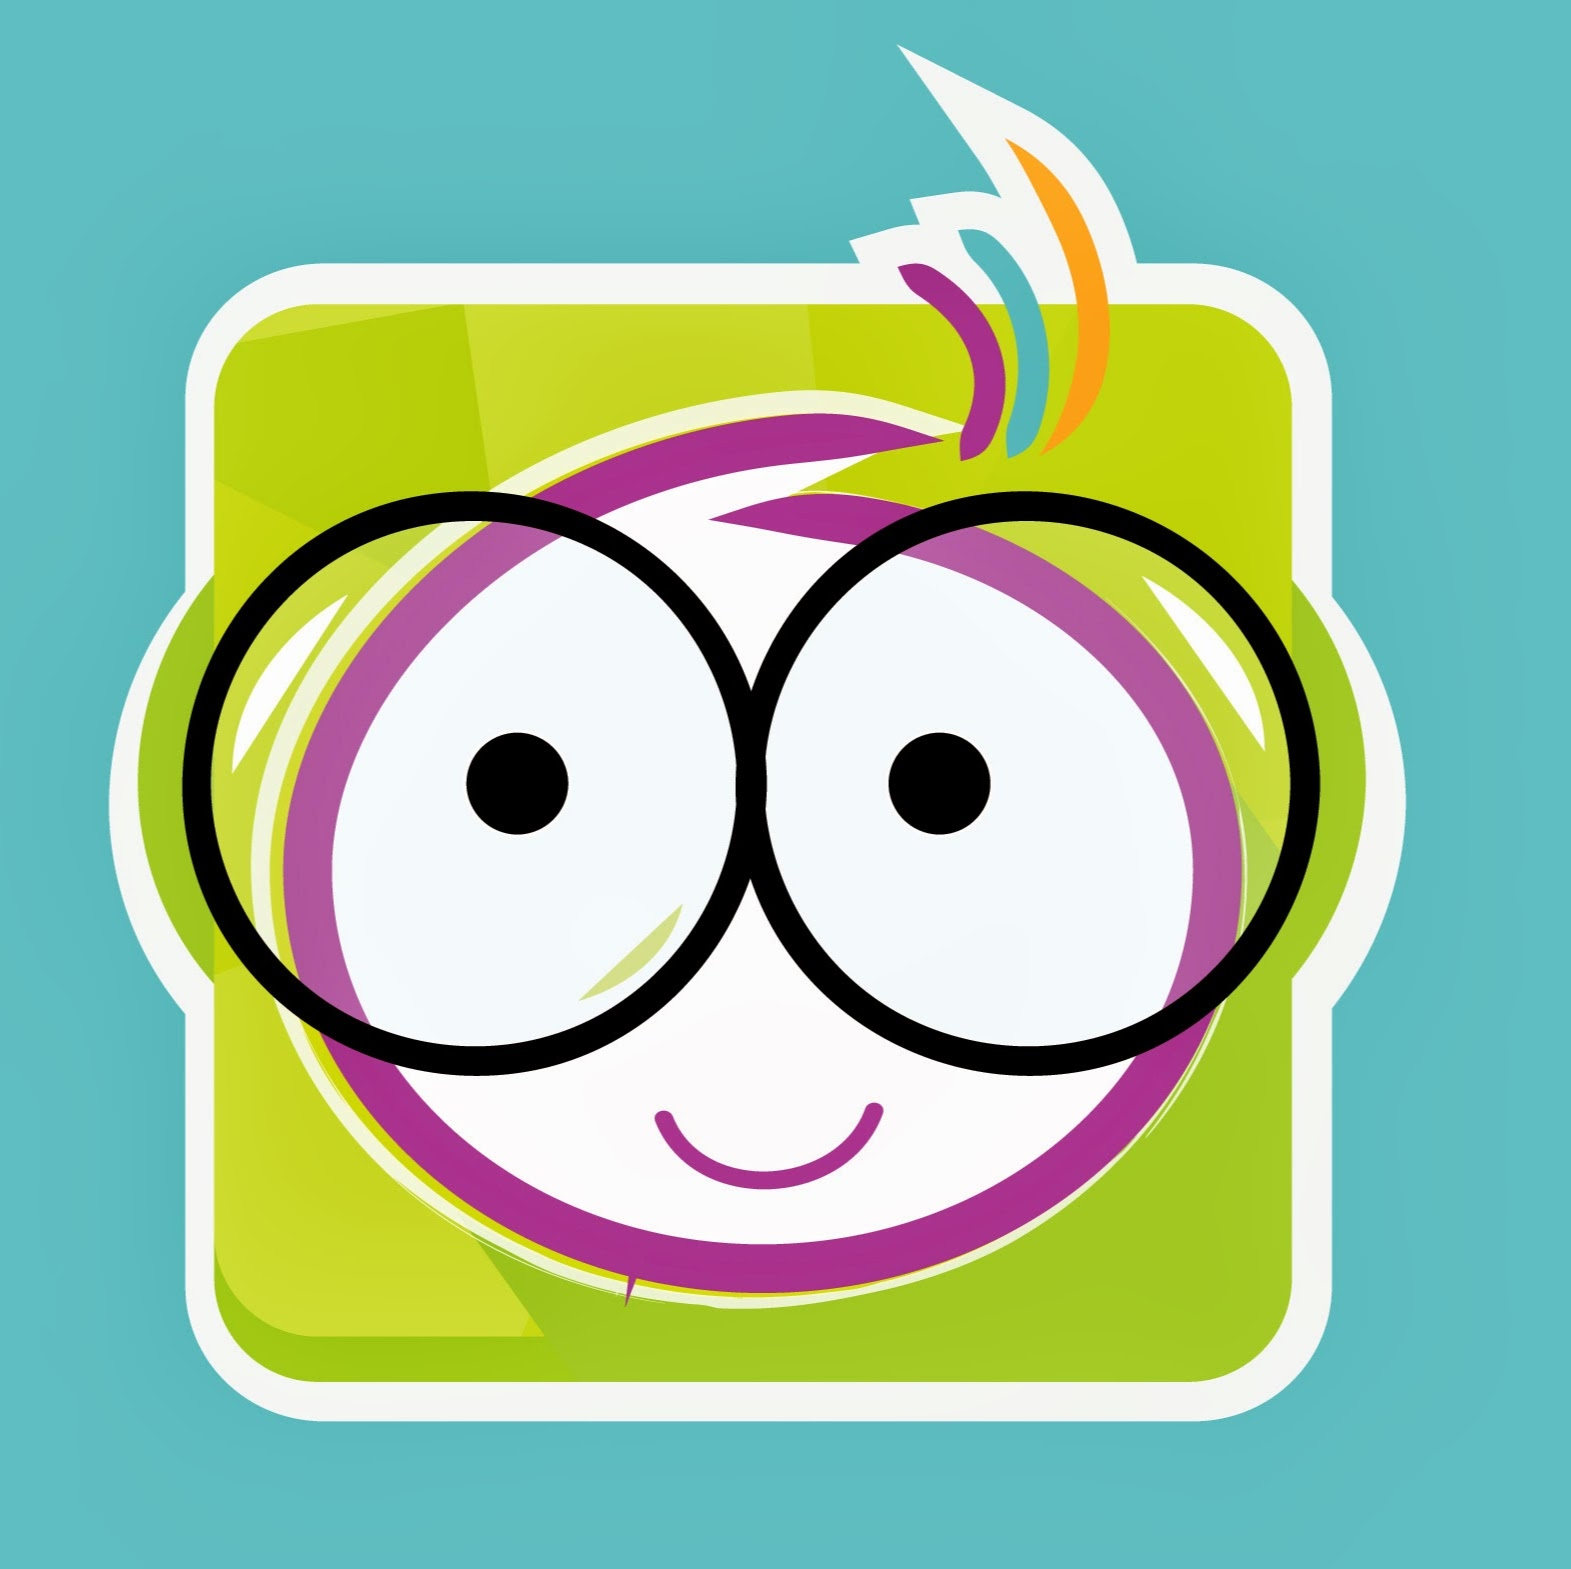 Photo of تطبيقات مركز الطفولة متعه وتعليم لطفلك للـ Android و iOS